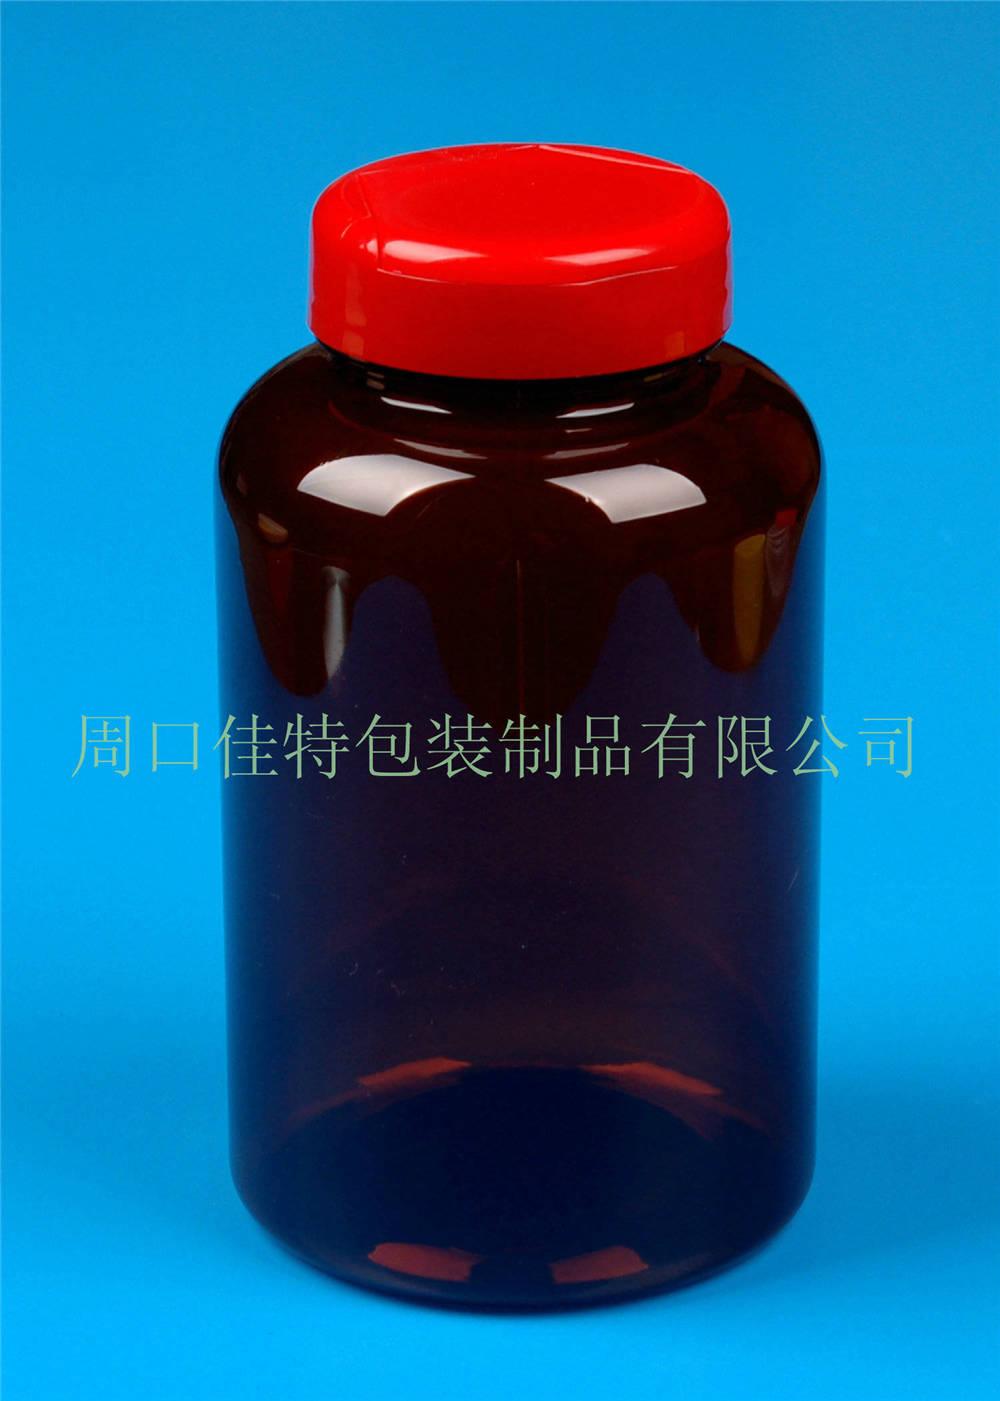 保健品瓶价格